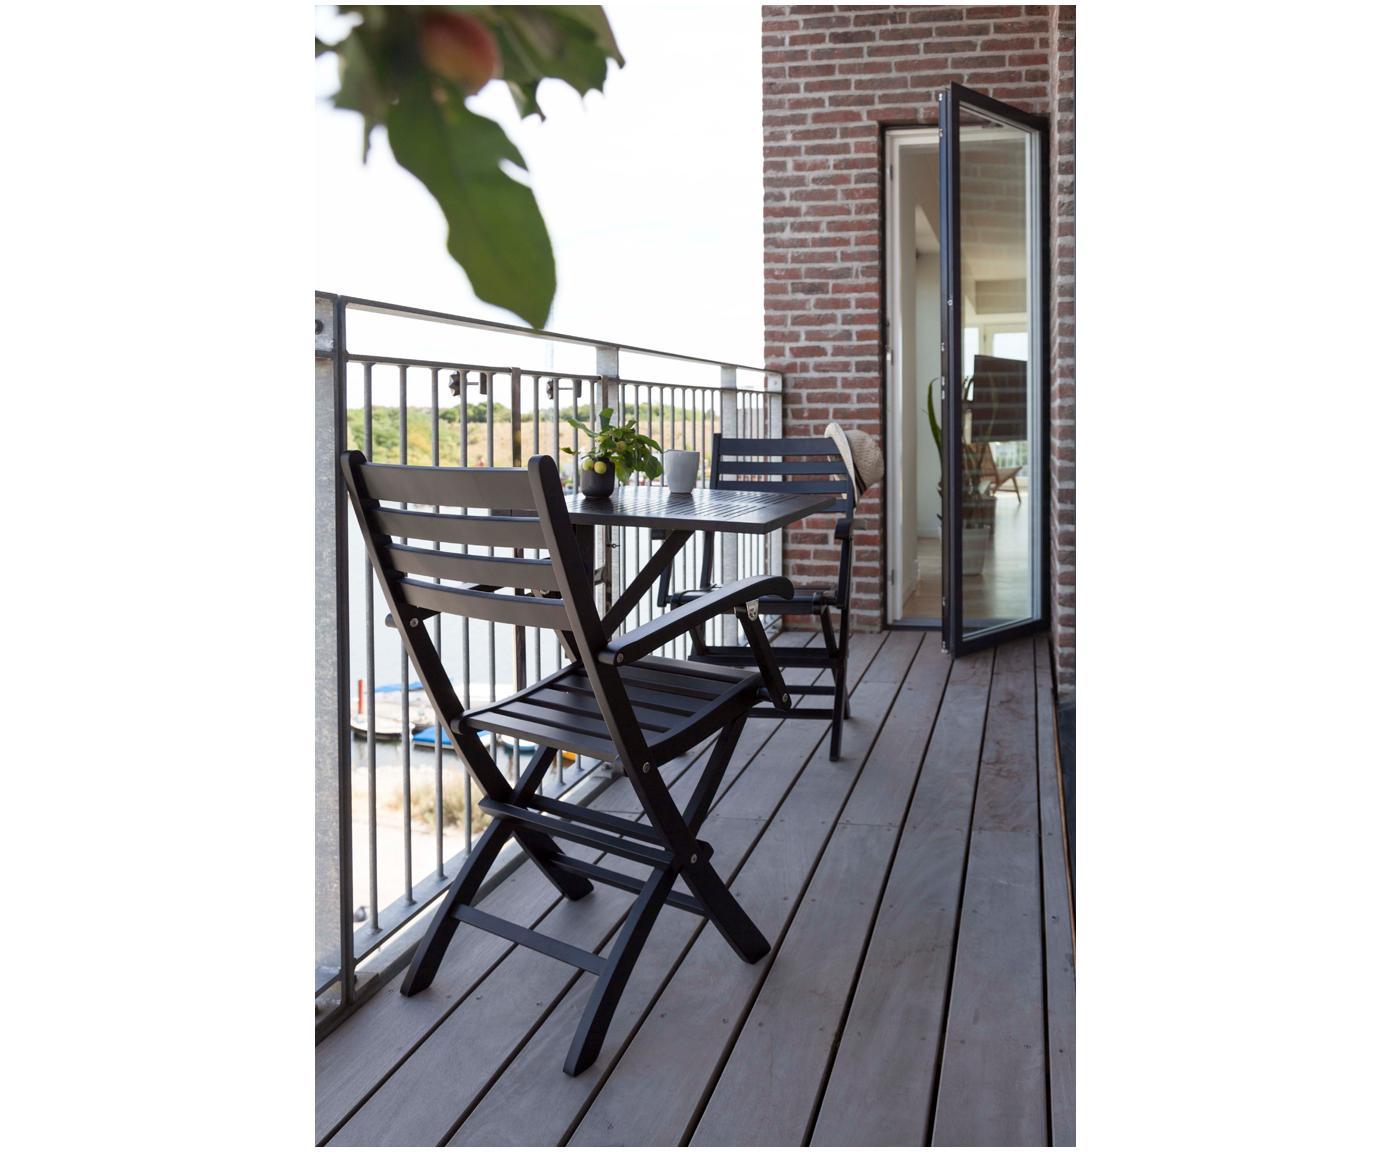 Outdoor klapstoelen Clarish van hout, 2 stuks, Zwart geolied acaciahout, Zwart, B 48 x D 45 cm